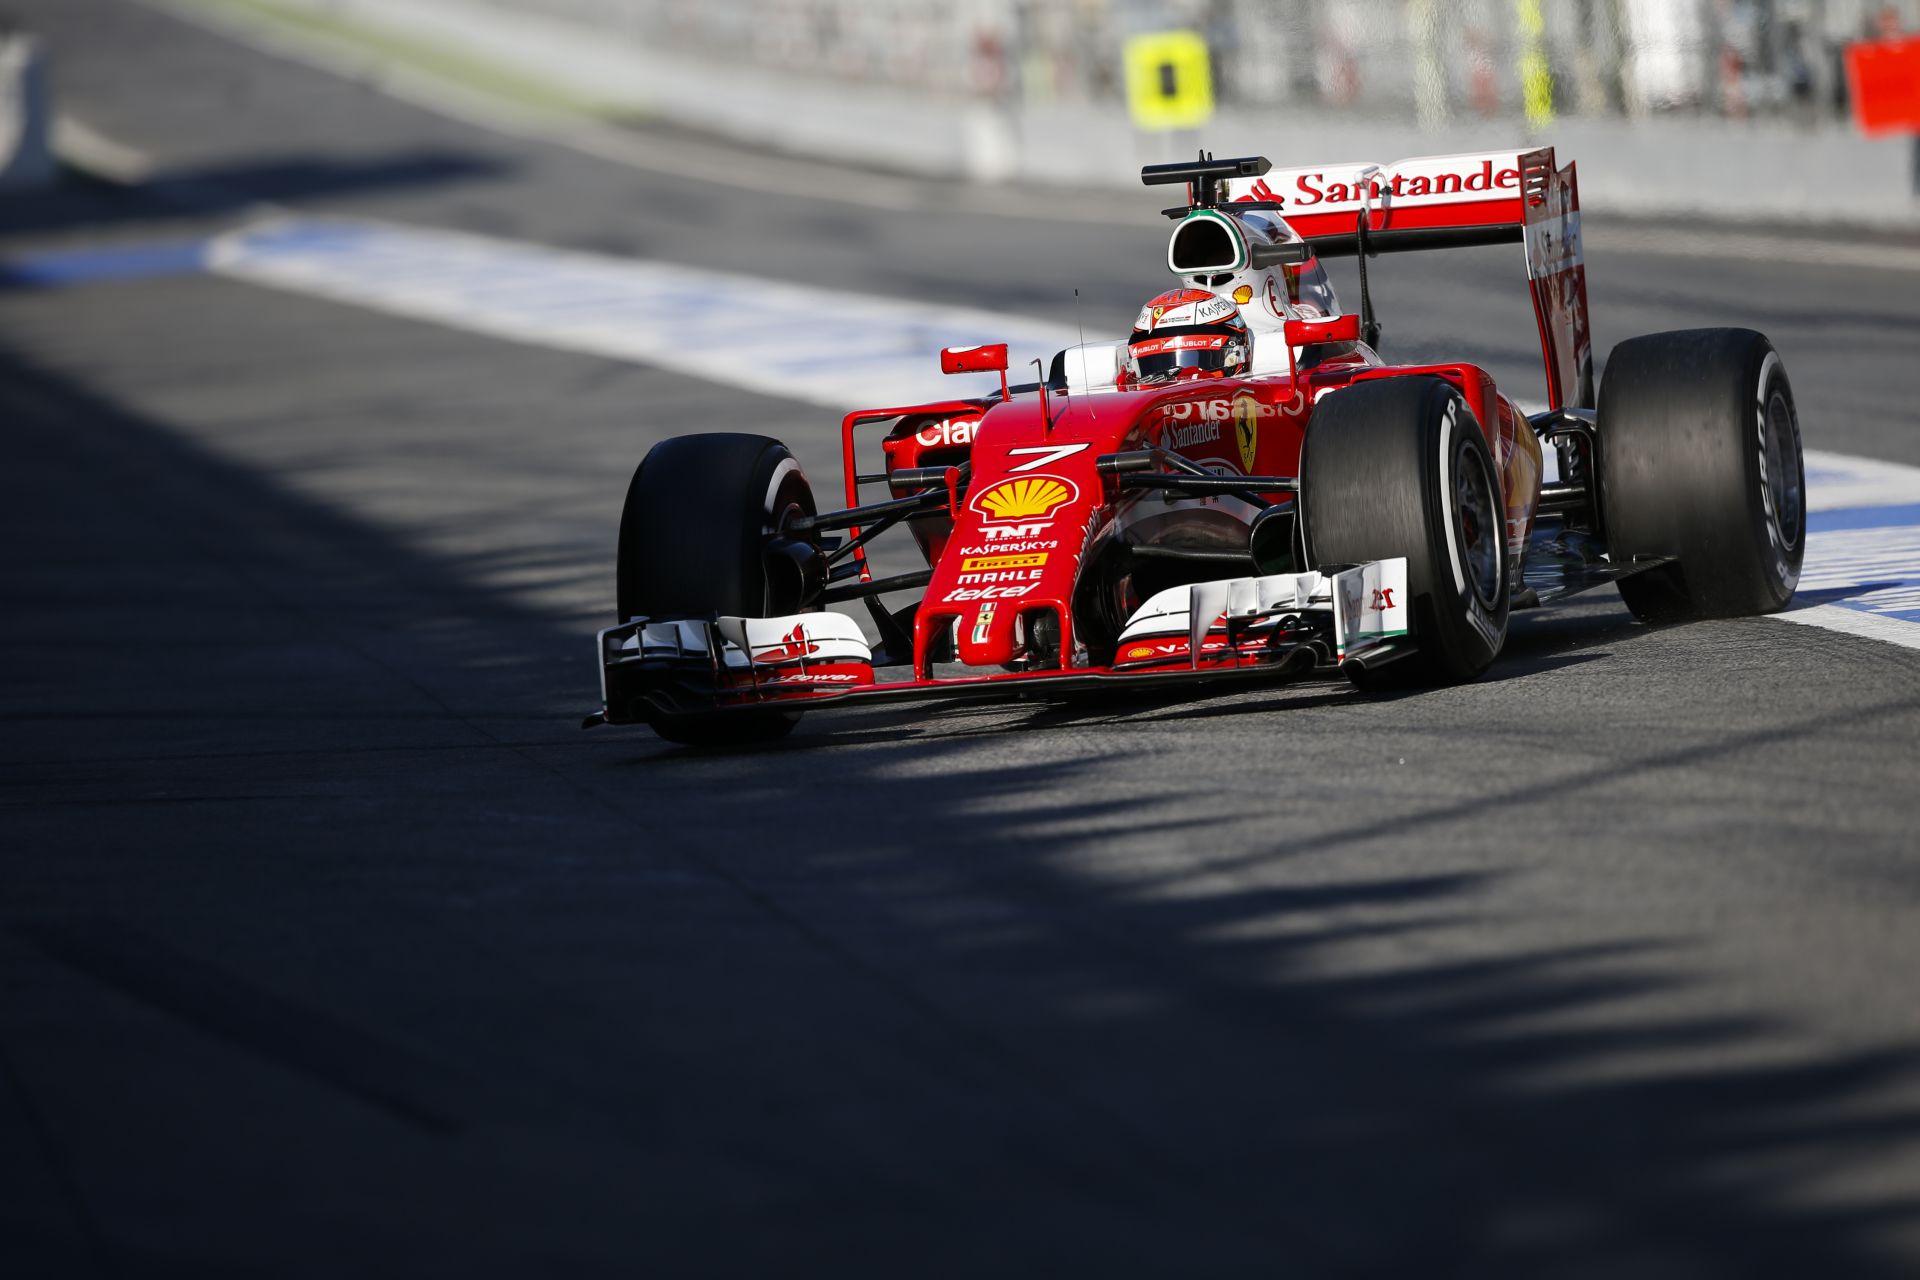 Folytatódik a tesztelés a Forma-1-ben: Raikkönen, Alonso és Hamilton is a pályán